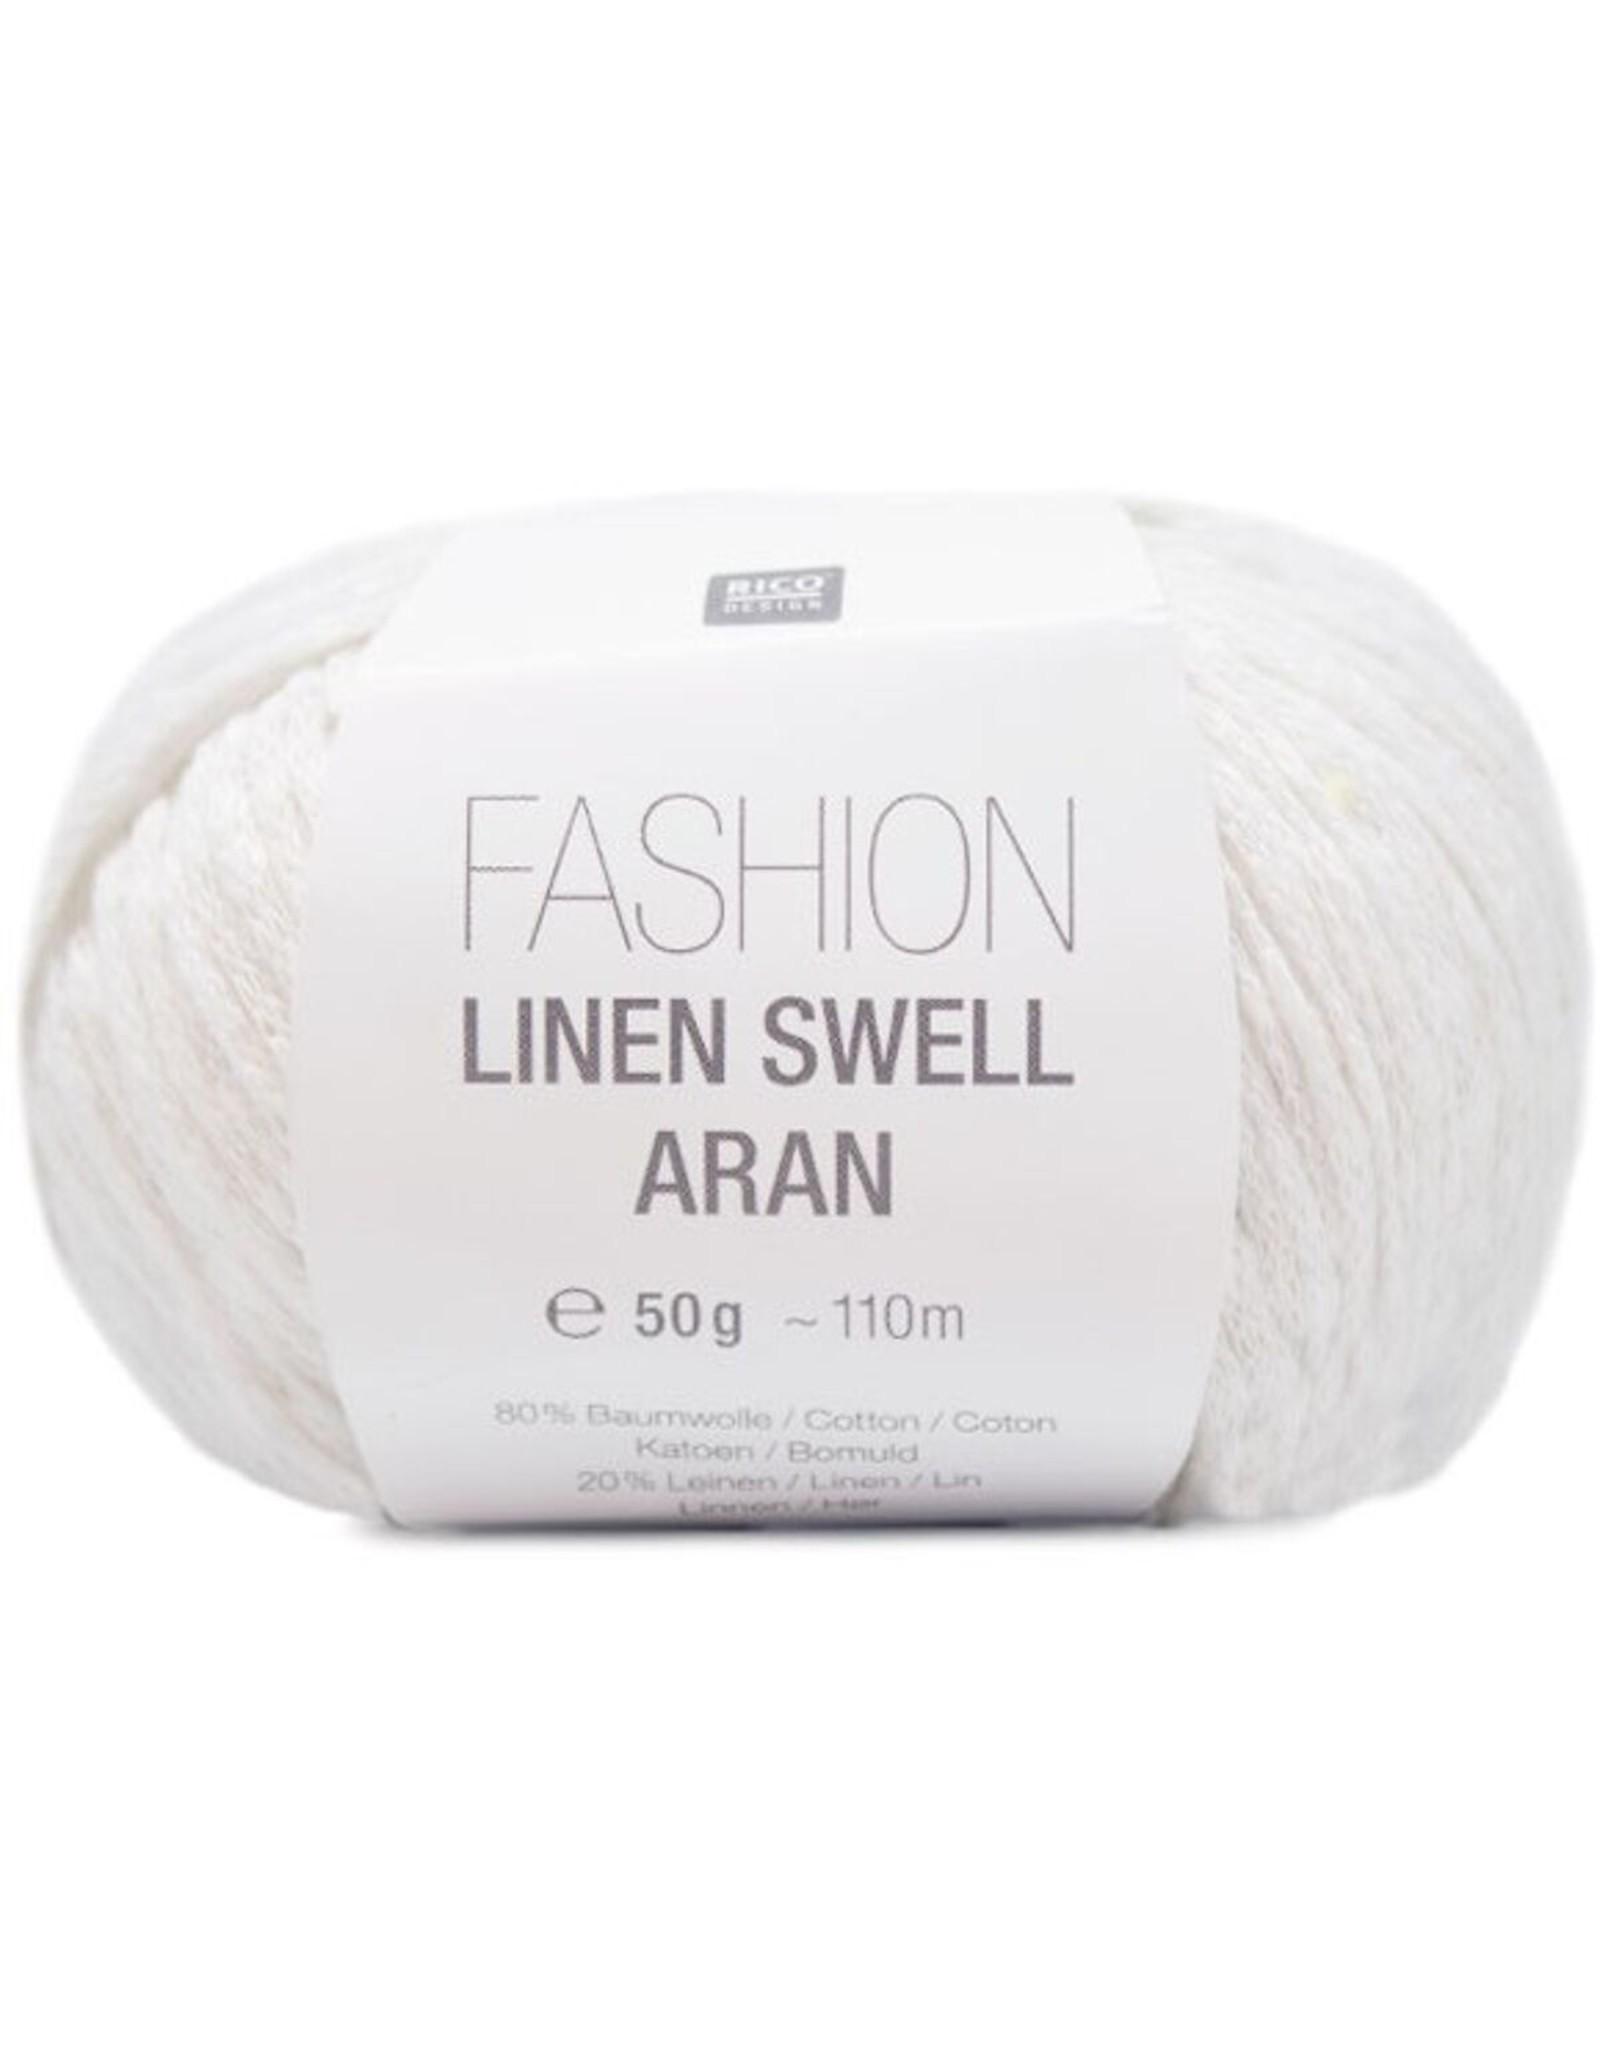 Rico Rico Fashion Linen Swell Aran